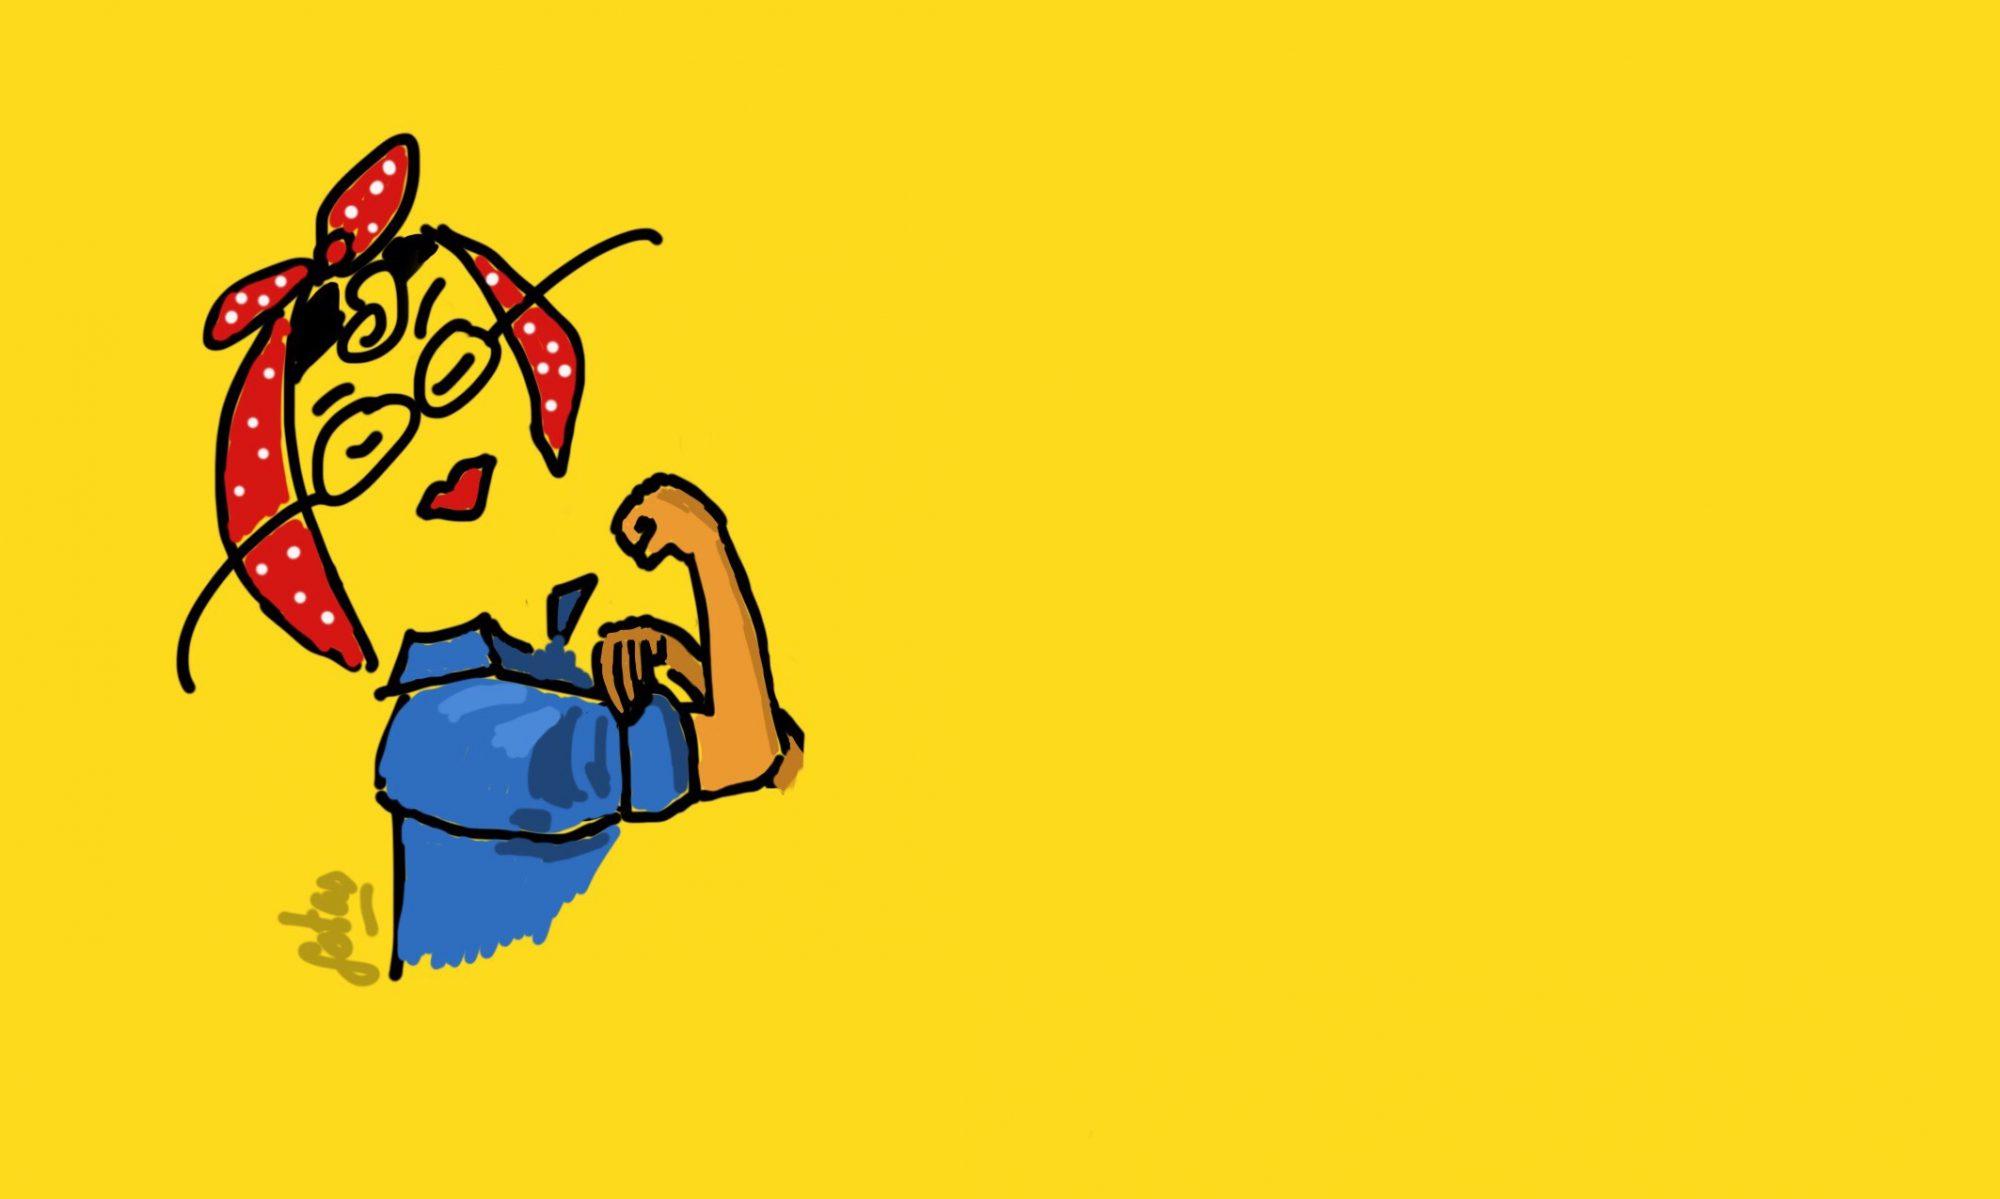 la web vista con gafotas